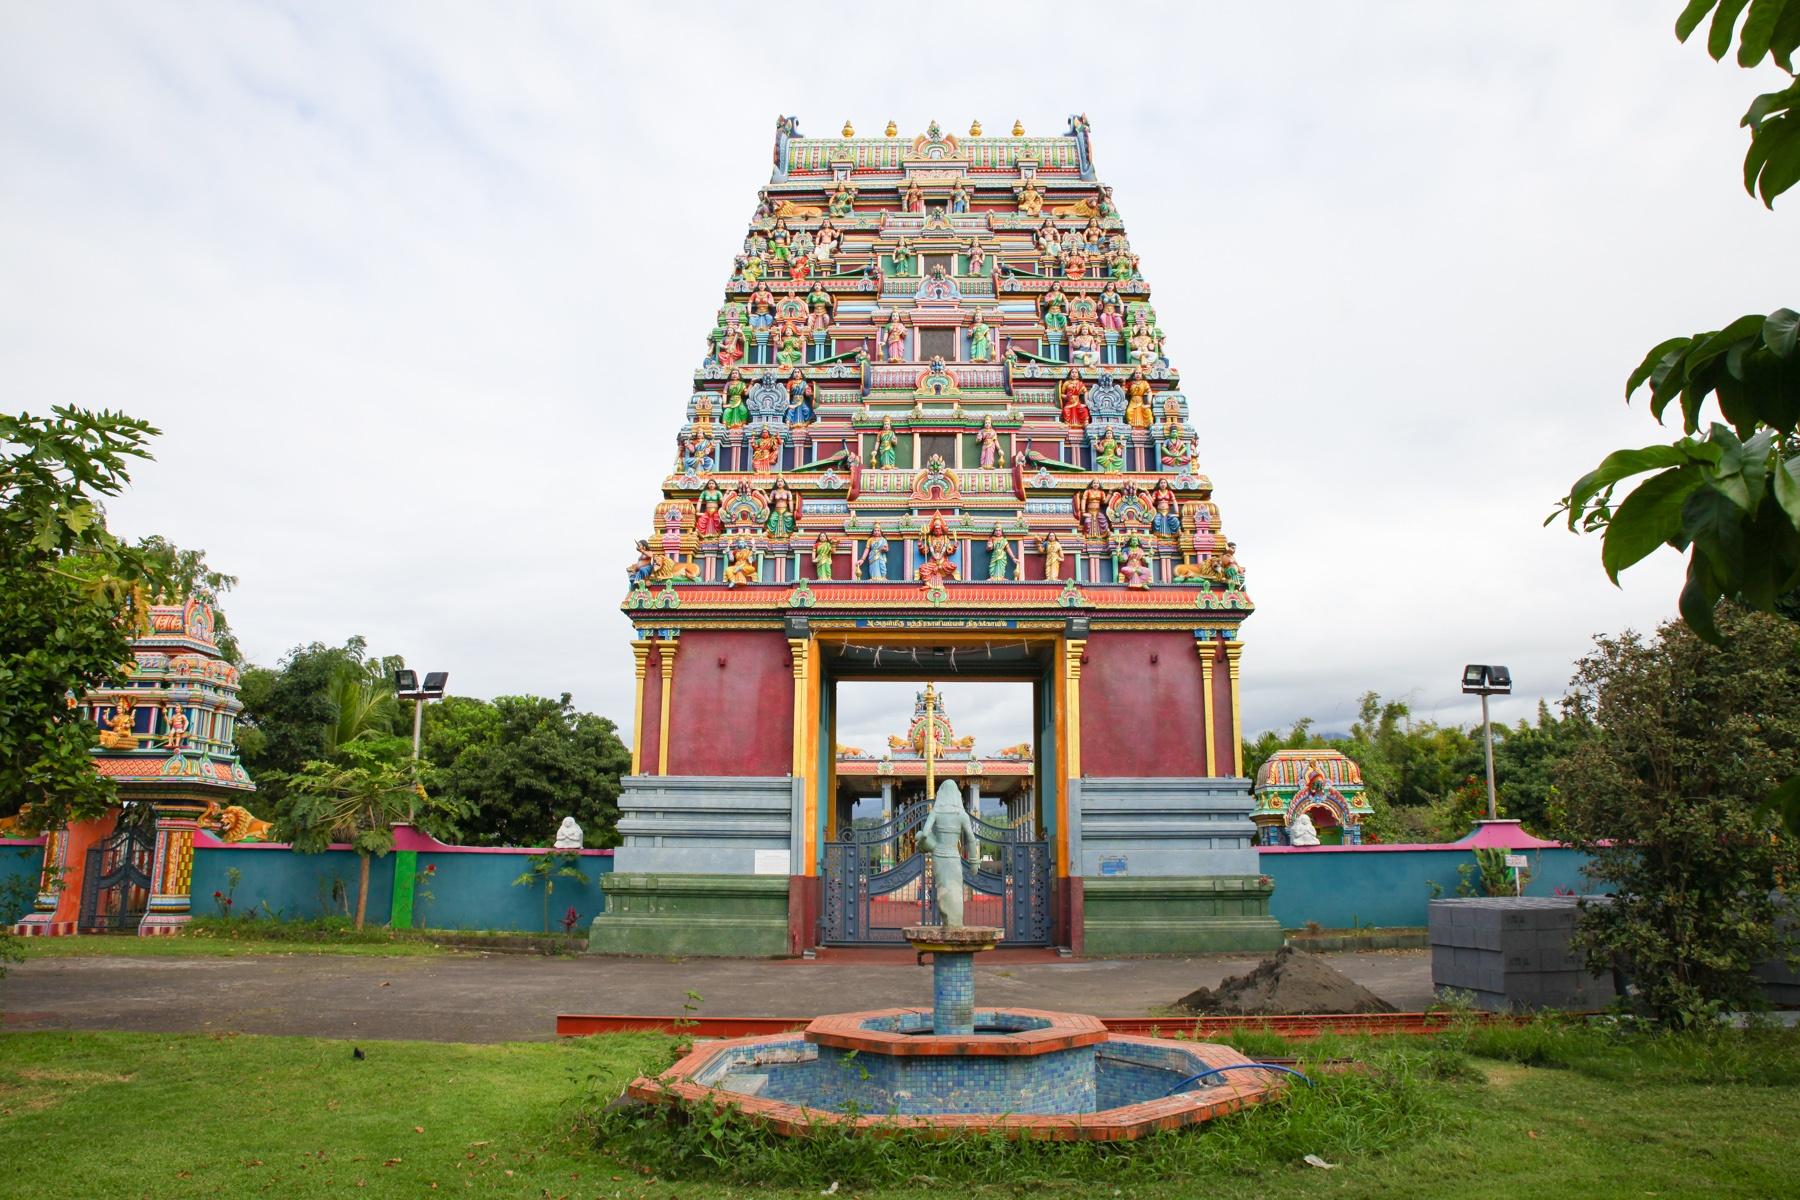 La Réunion ist ein wahrer Schmelztiegel der Kulturen. Die tamilischen Tempel findest du überall auf der Insel.